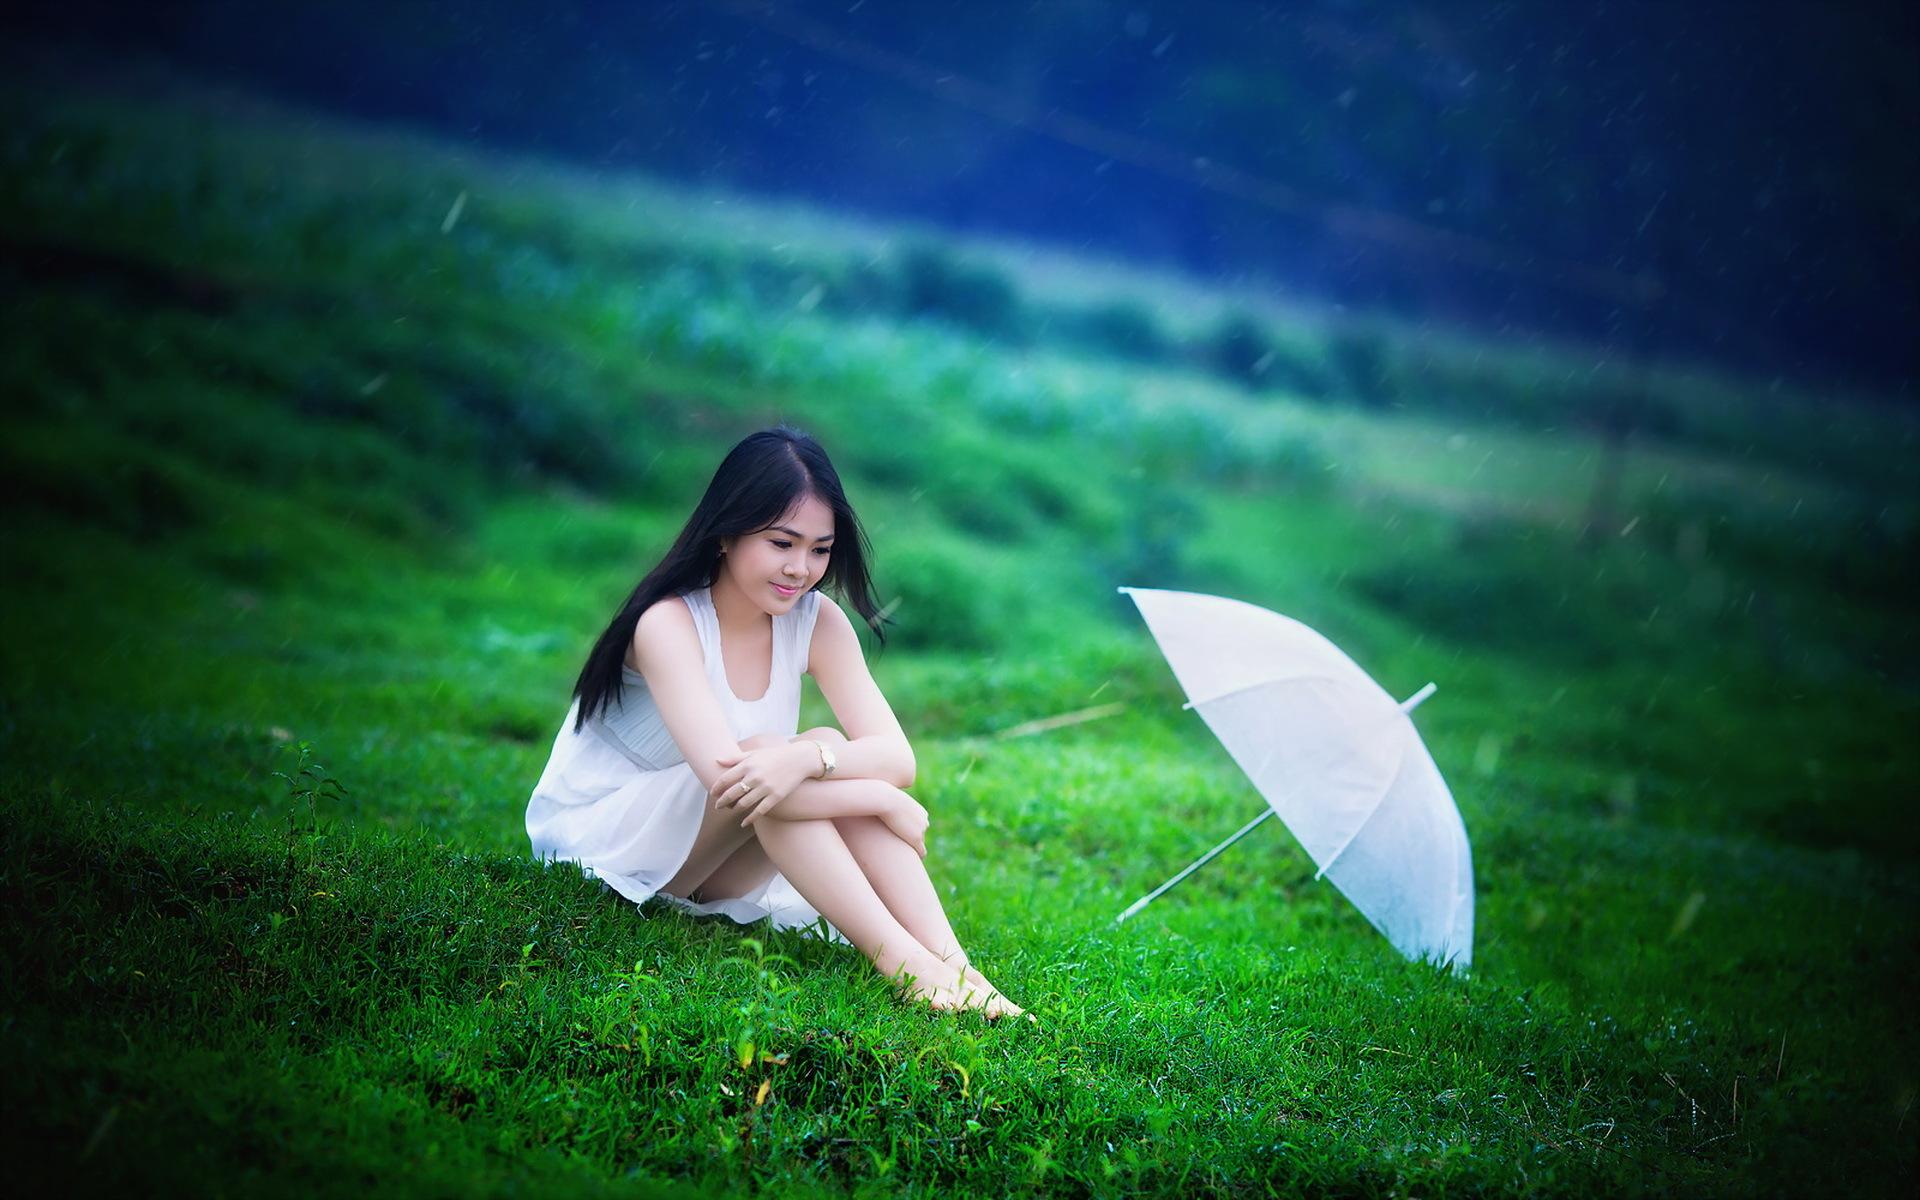 девушка зонт дождь природа  № 3582451 загрузить